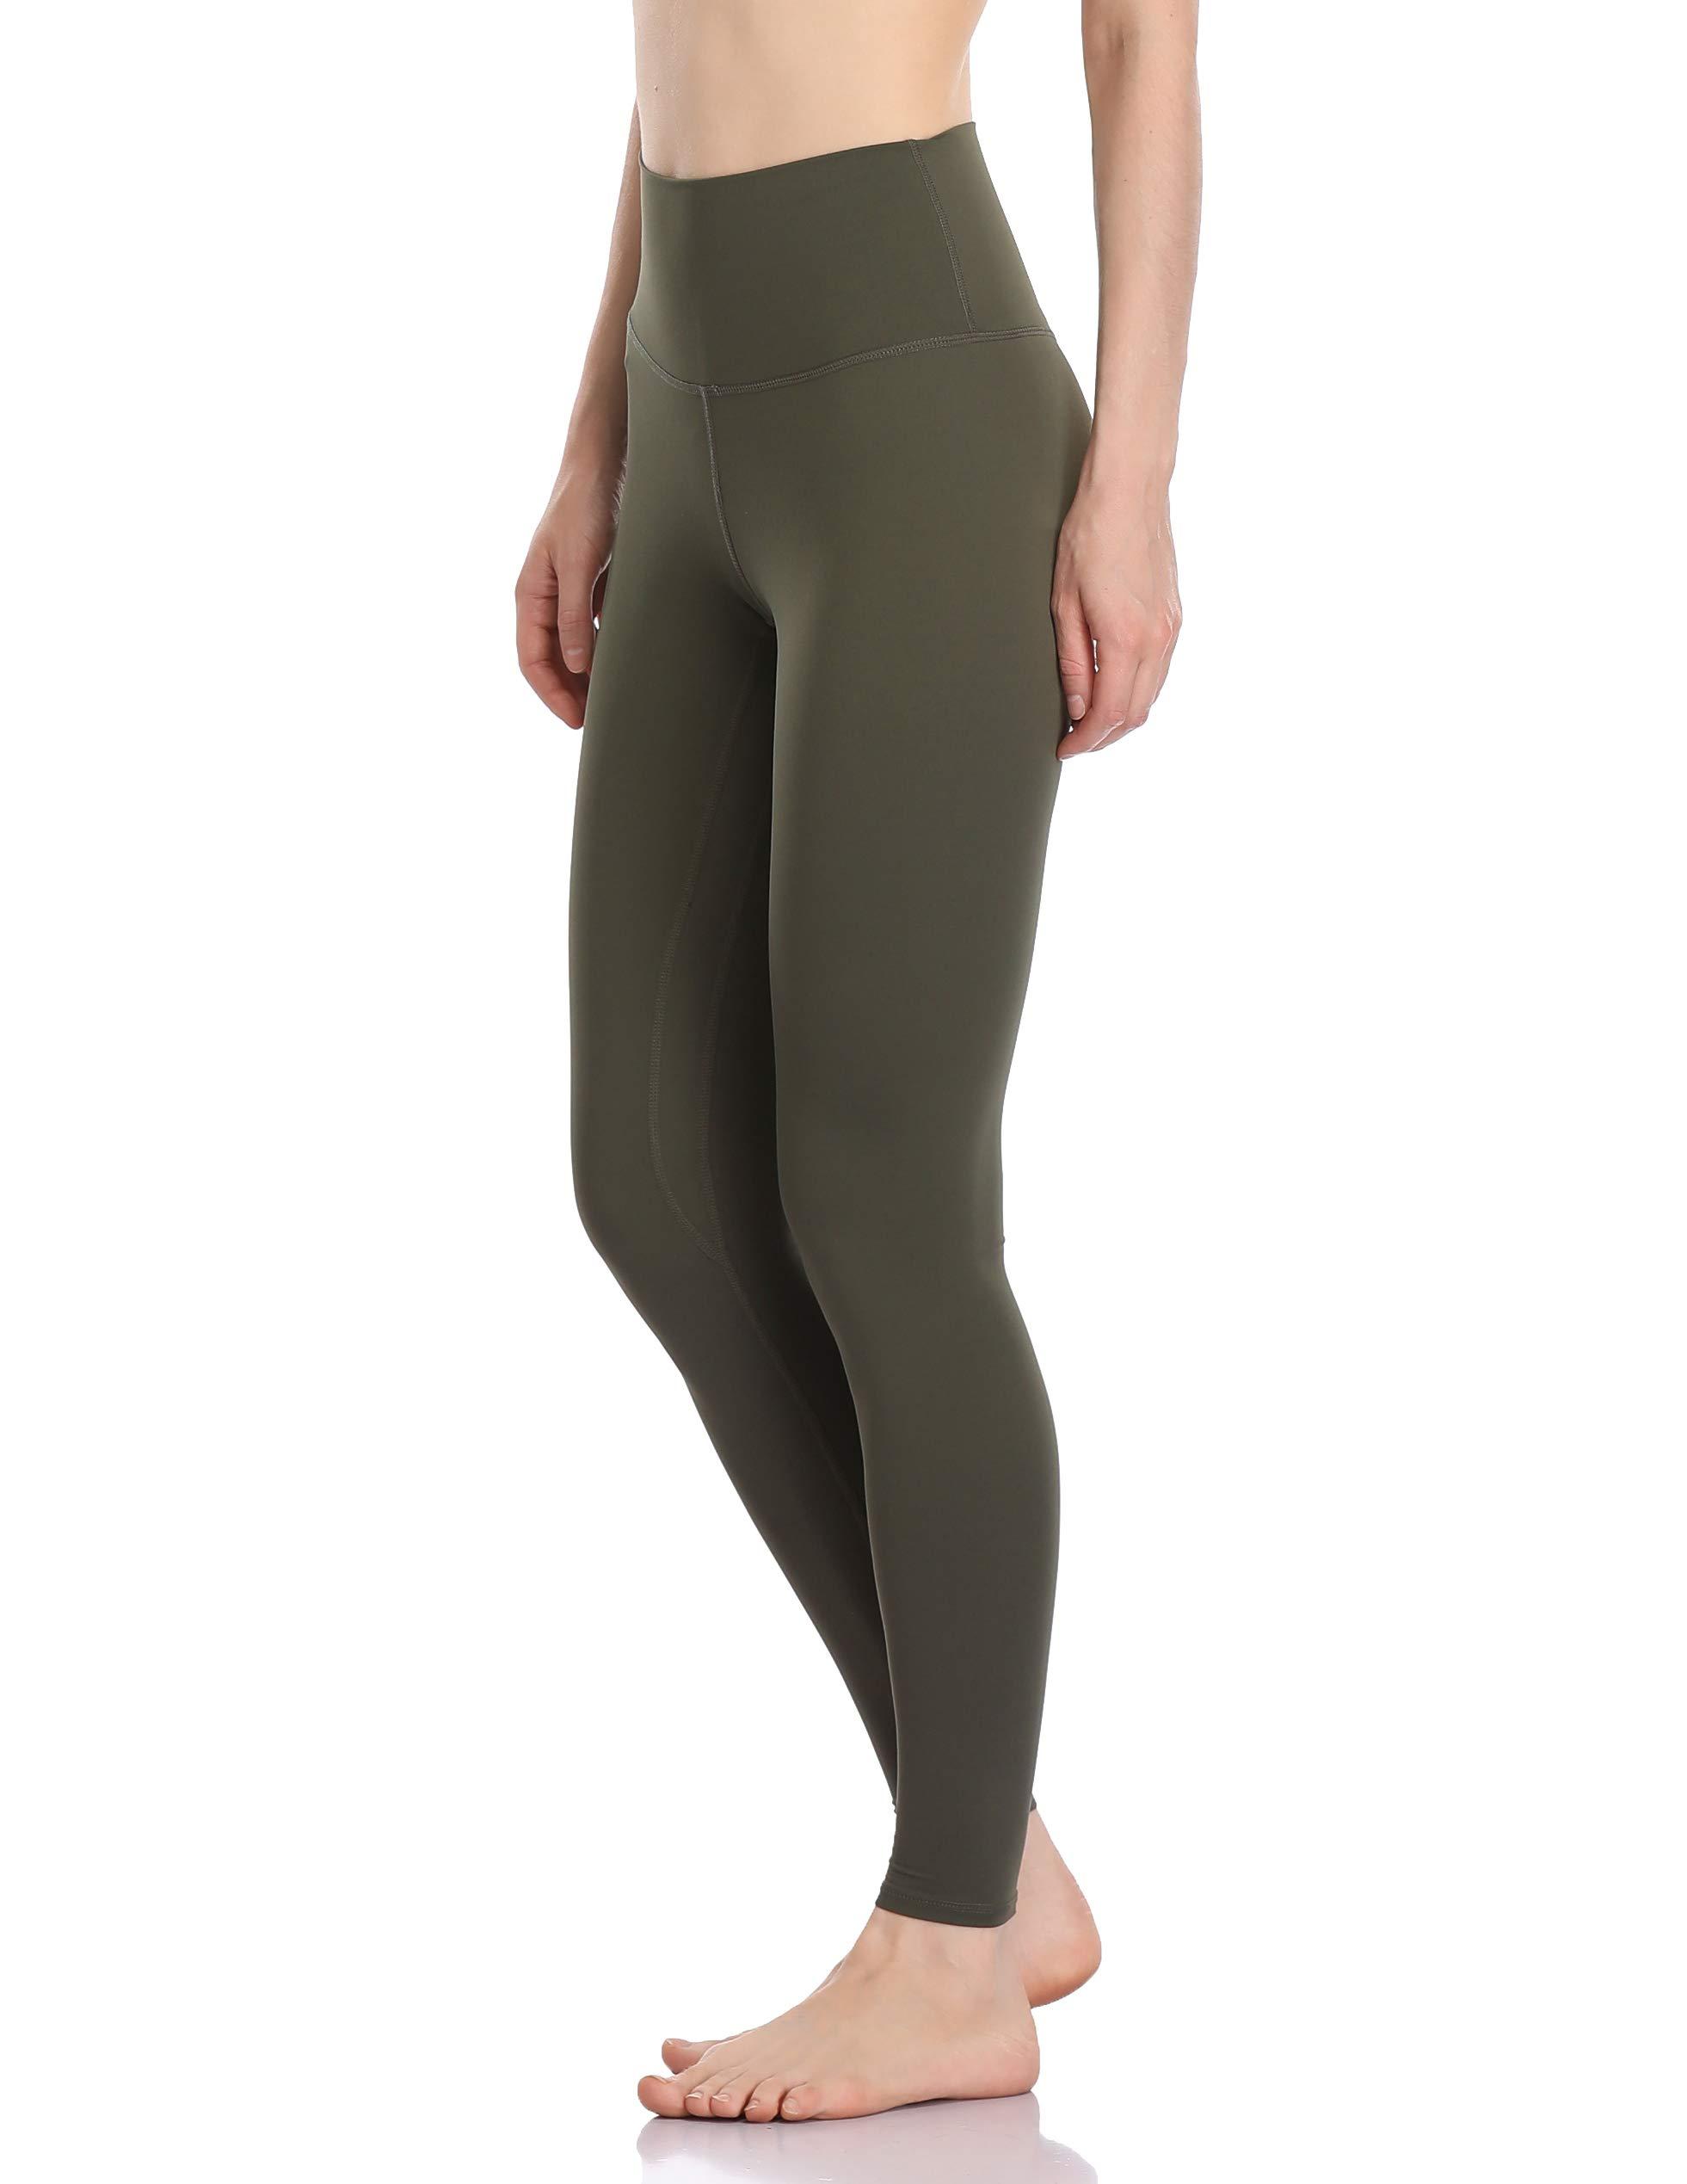 Colorfulkoala Women's Buttery Soft High Waisted Yoga Pants Full-Length Leggings (S, Olive Green)